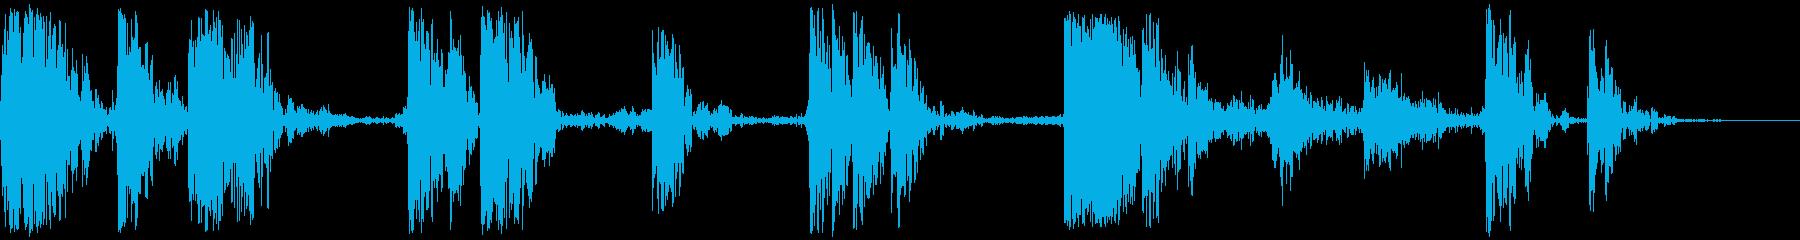 ヘビーウッドドロップとタンブル、フォリーの再生済みの波形